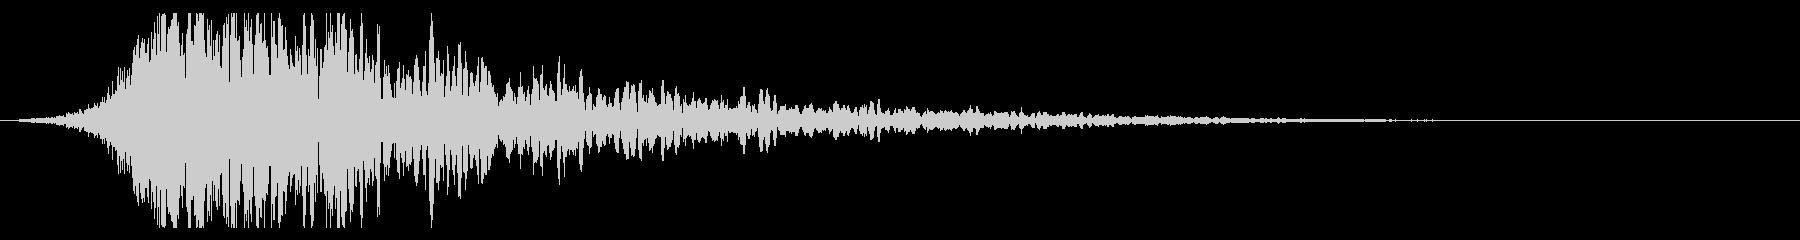 シュードーン-51-2(インパクト音)の未再生の波形